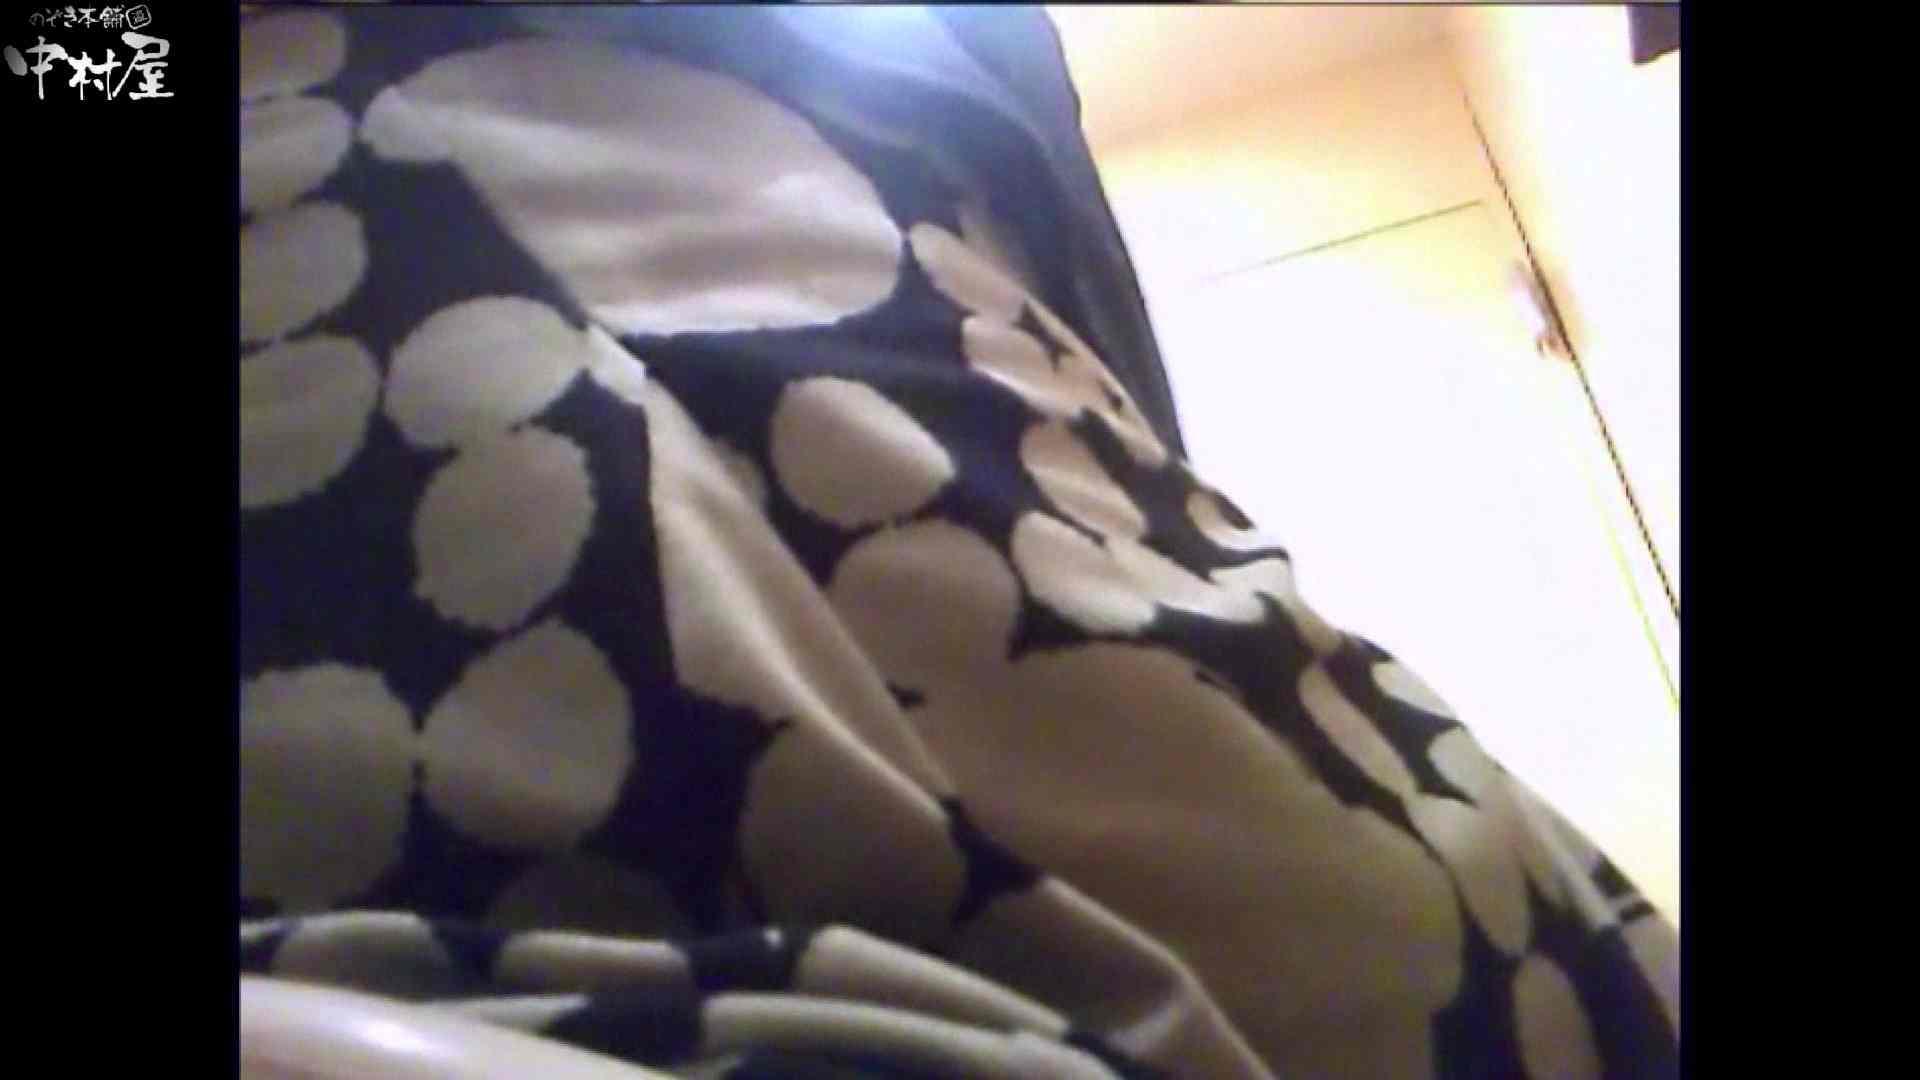 ガチ盗撮!突撃!女子化粧室の真実~セカンドシーズン~vo.04 盗撮師作品  80pic 64